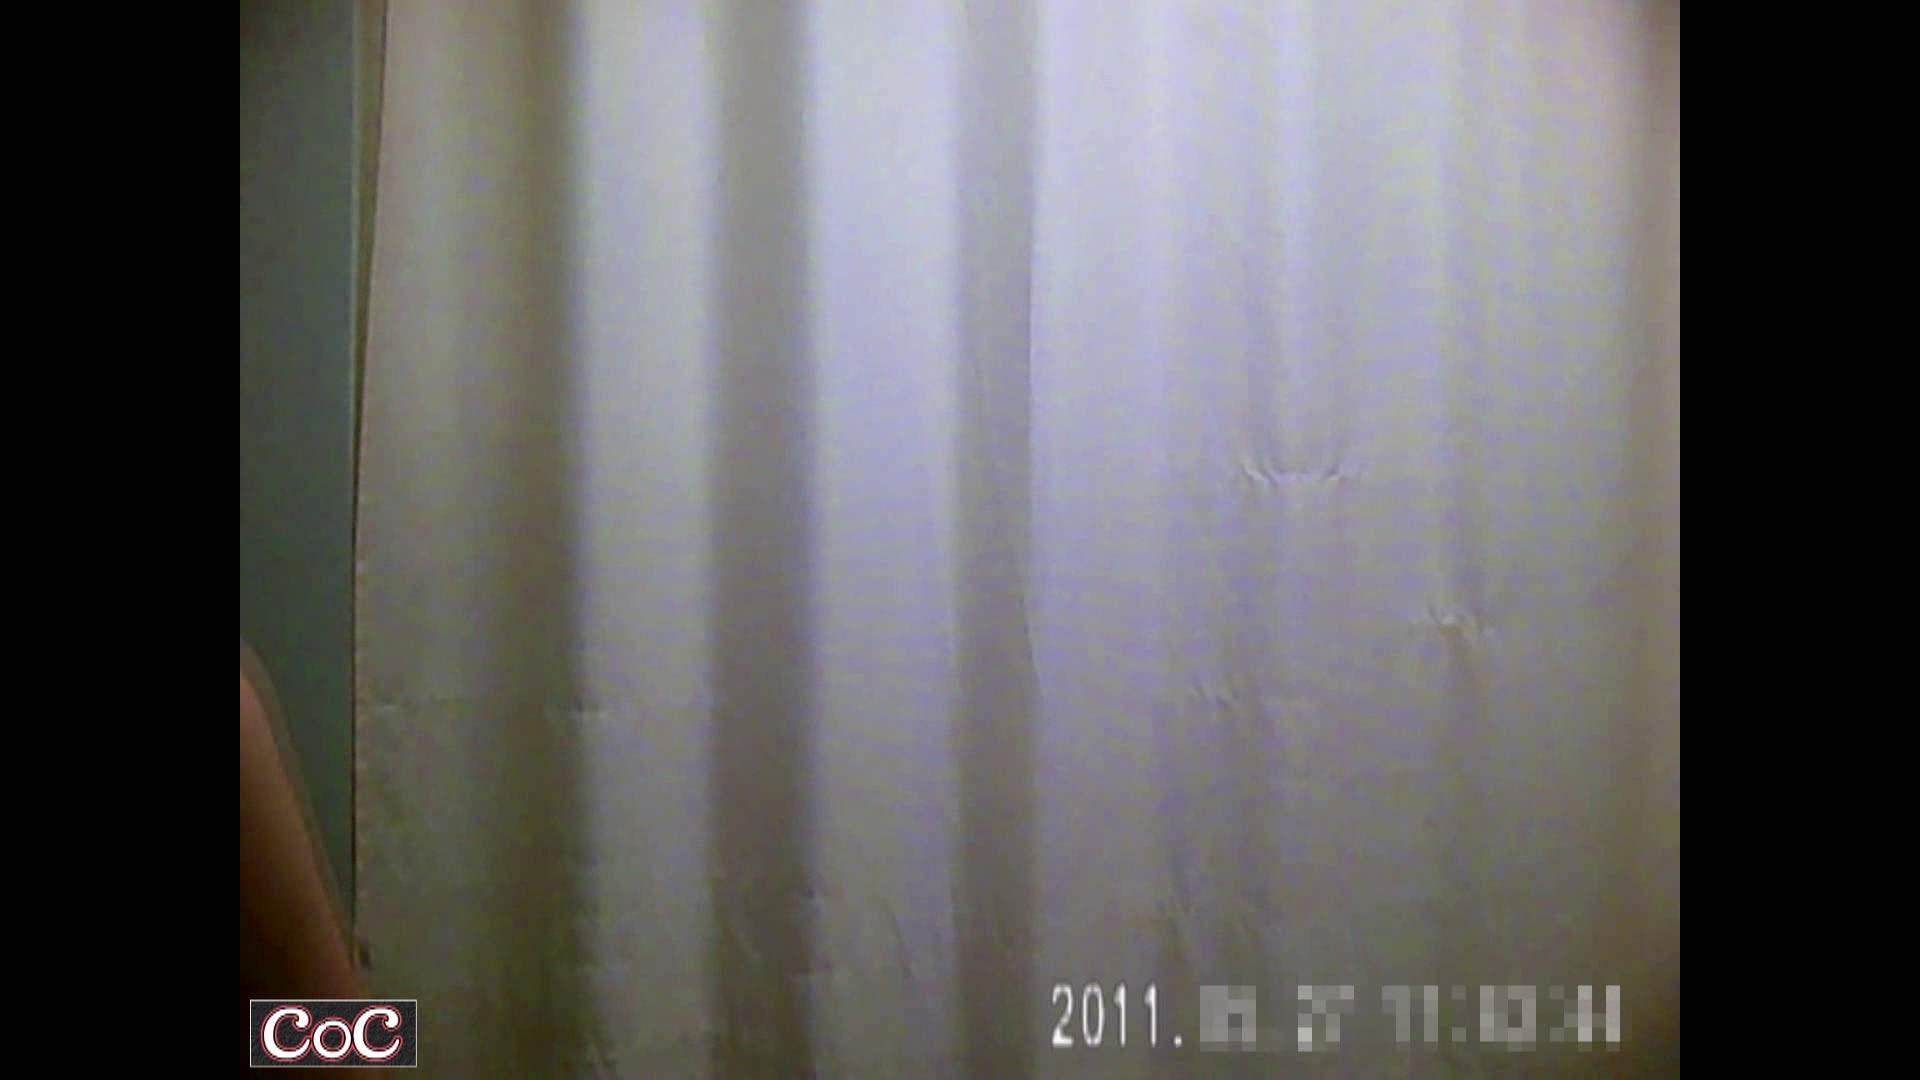 病院おもいっきり着替え! vol.133 巨乳 のぞきおめこ無修正画像 101PICs 6